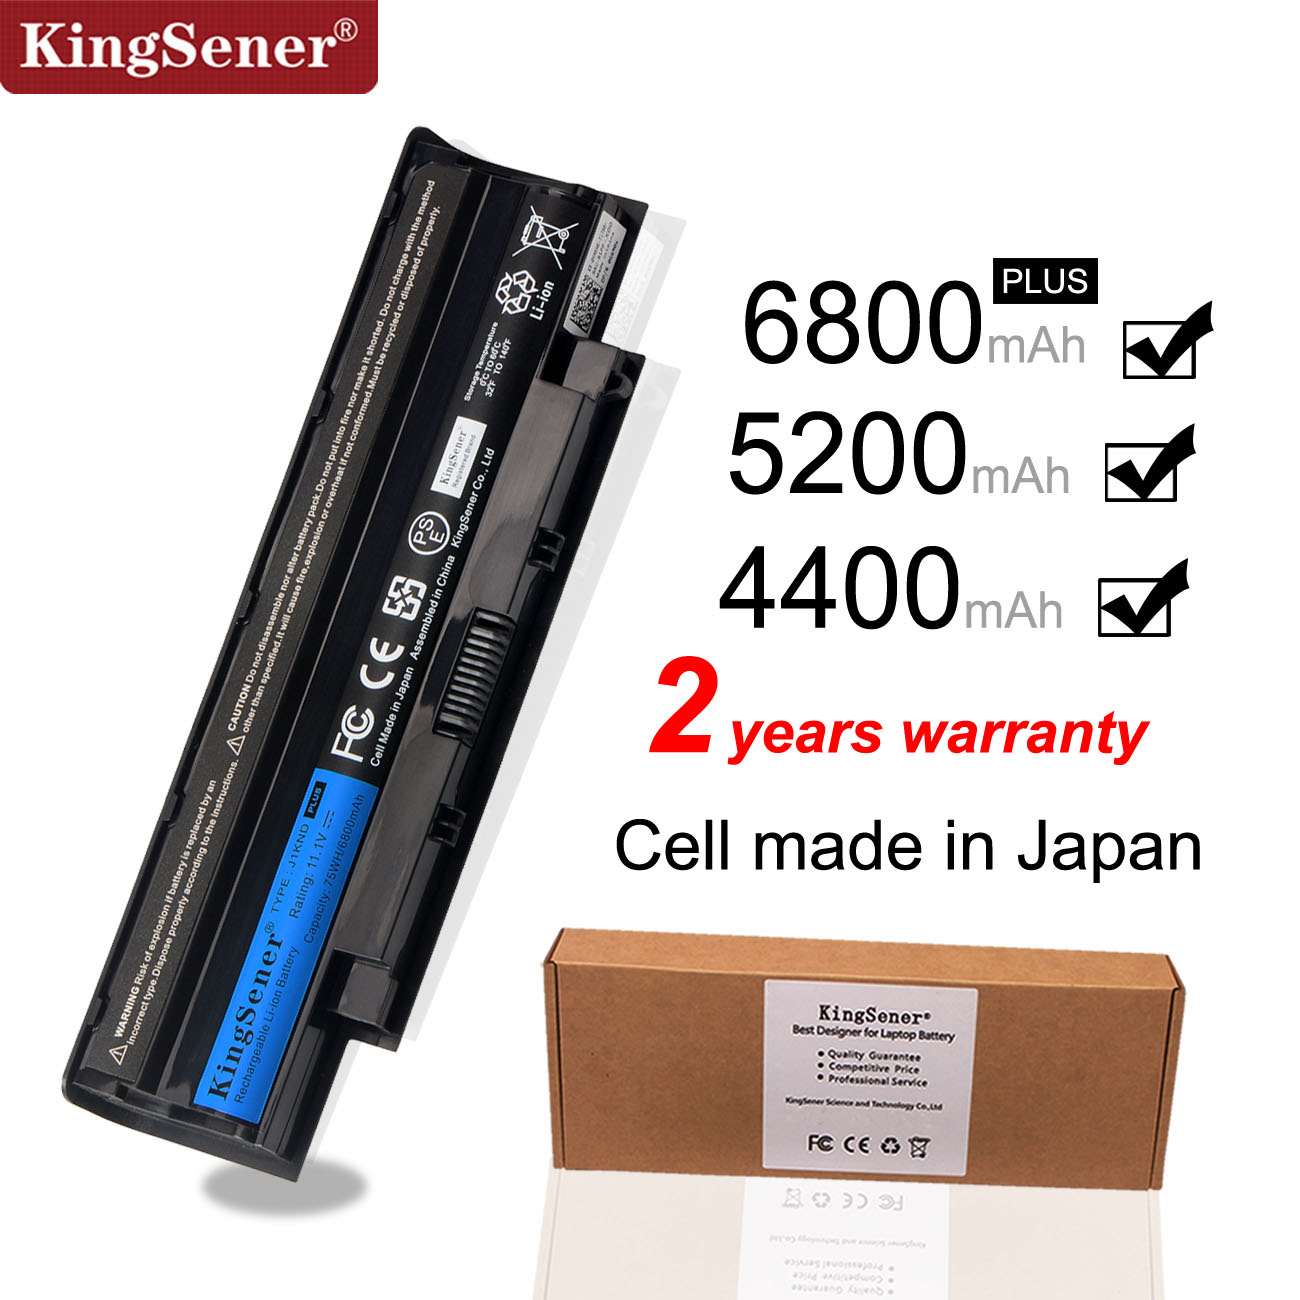 KingSener  J1KND Laptop Battery For DELL Inspiron N4010 N3010 N3110 N4050 N4110 N5010 N5010D N5110 N7010 N7110 M501 M501R M511R